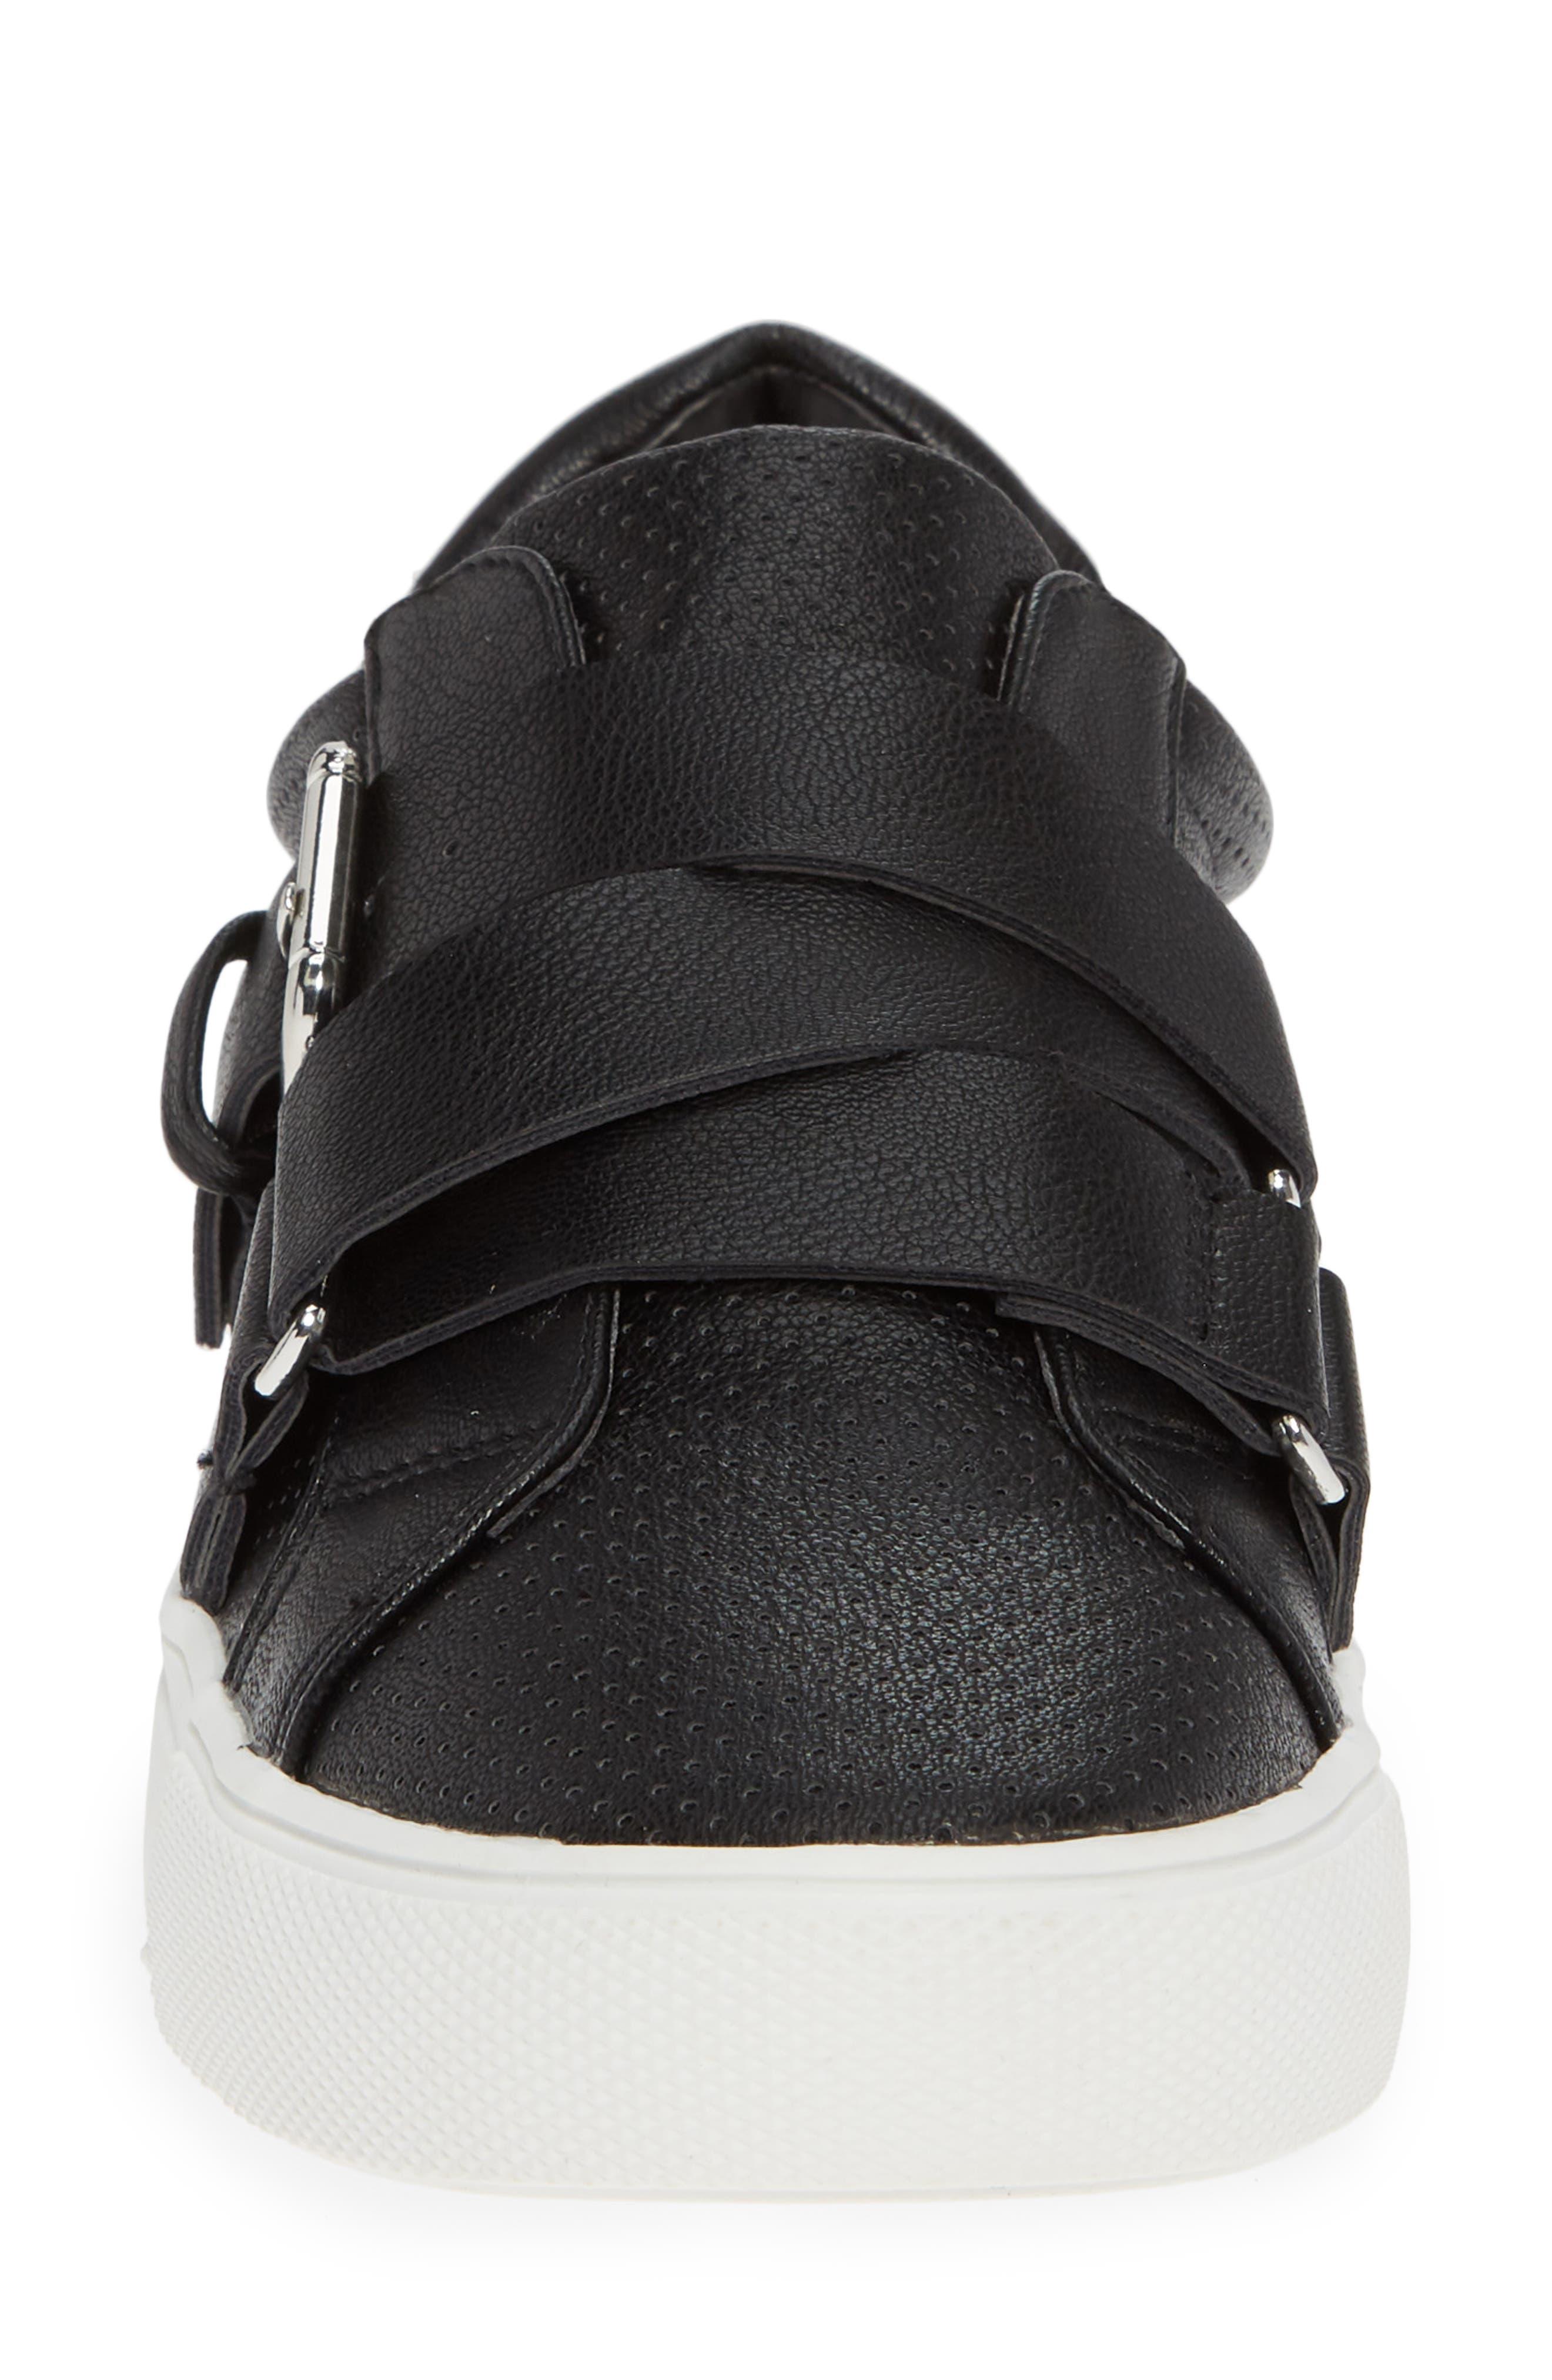 Kaelynn Sneaker,                             Alternate thumbnail 4, color,                             BLACK